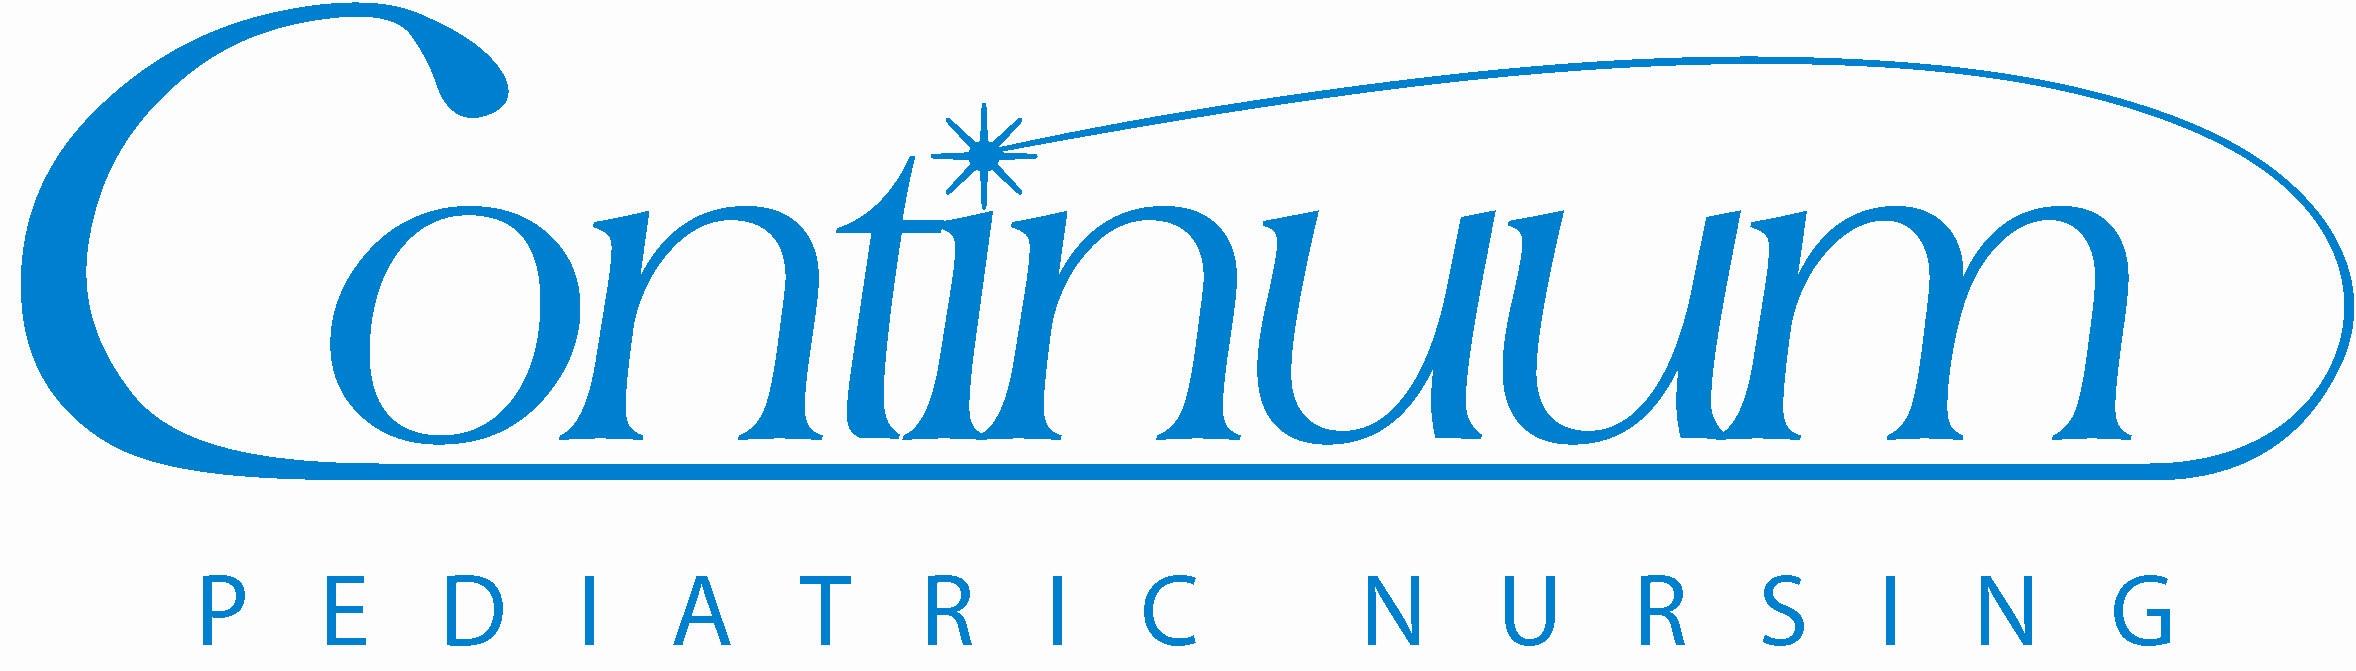 Continuum Pediatric Nursing Services - Logo